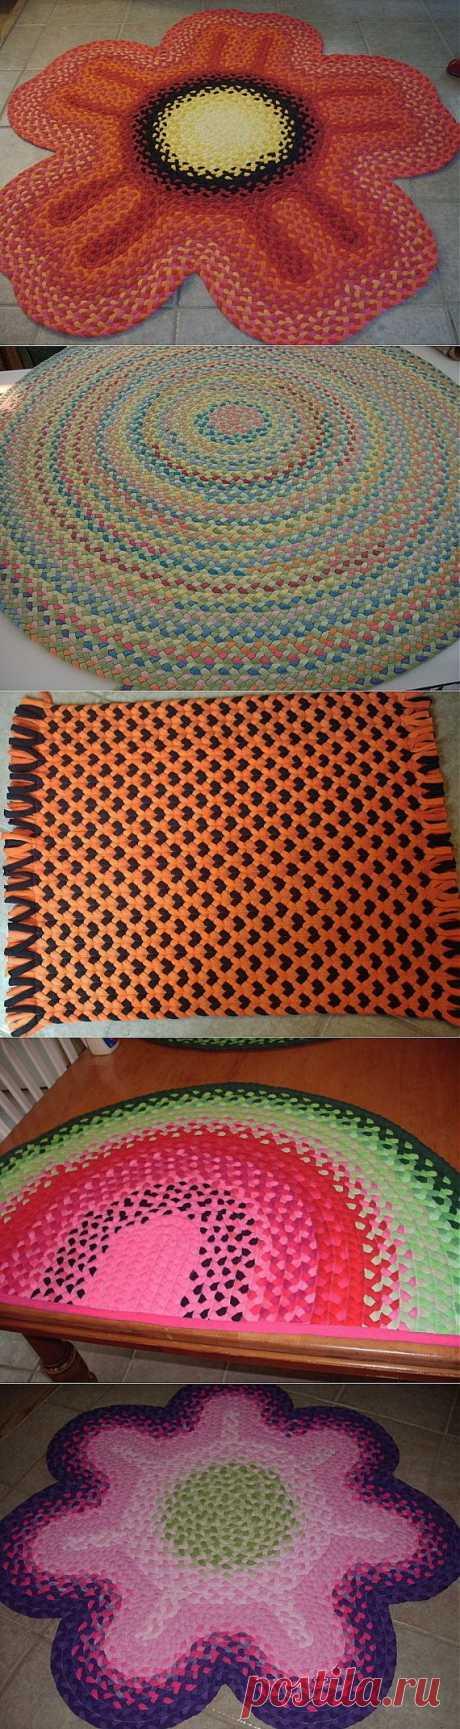 Los tapices pequeños de las camisetas viejas | las manos Hábiles